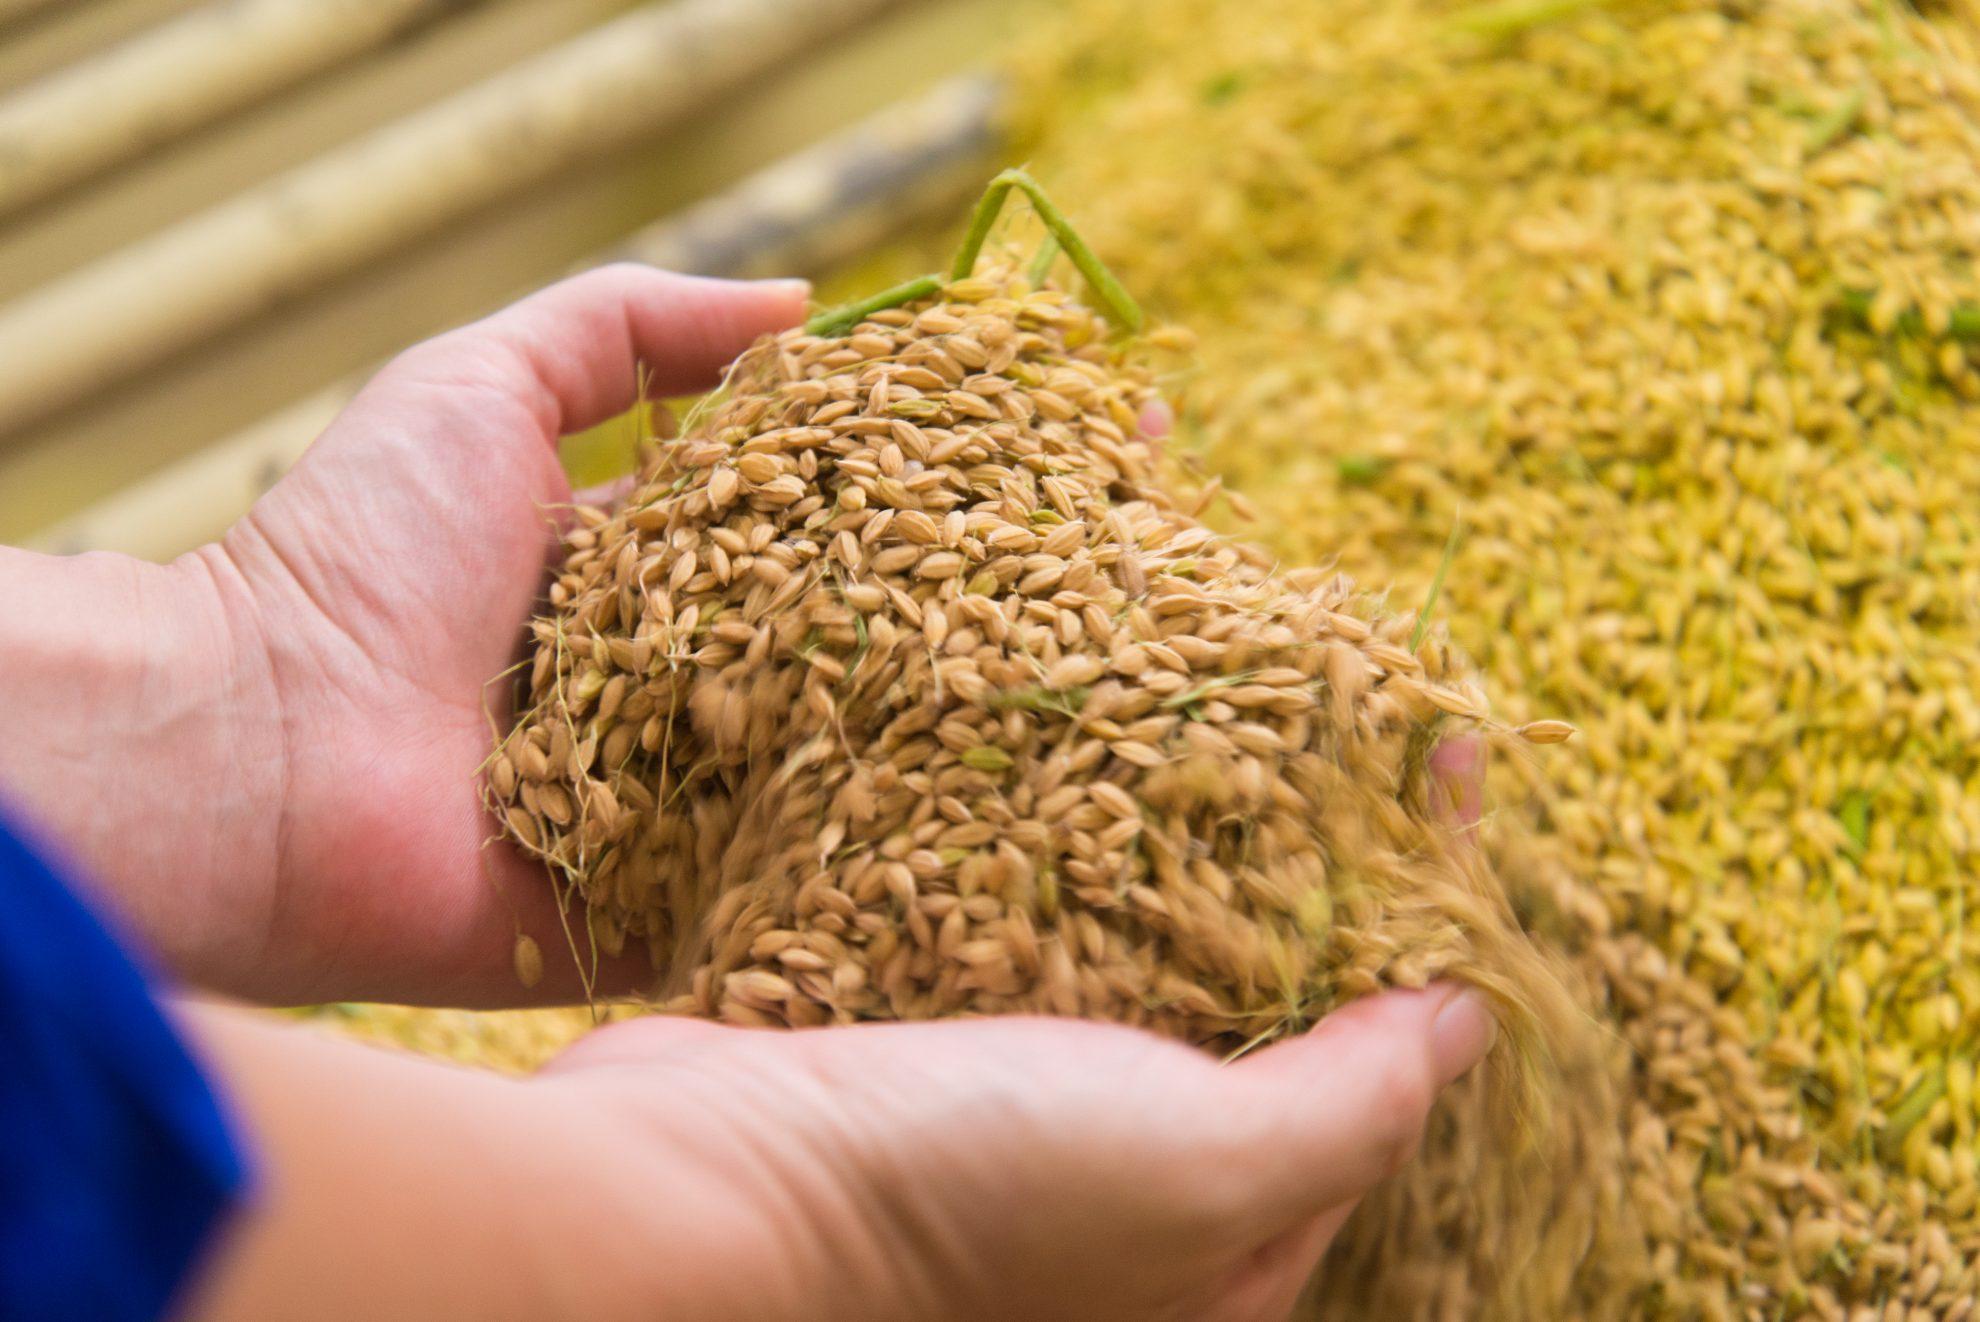 収穫したお米は職人の手によって美容成分を抽出し、コメ発酵生命体®となって美肌づくりに還元して参ります。